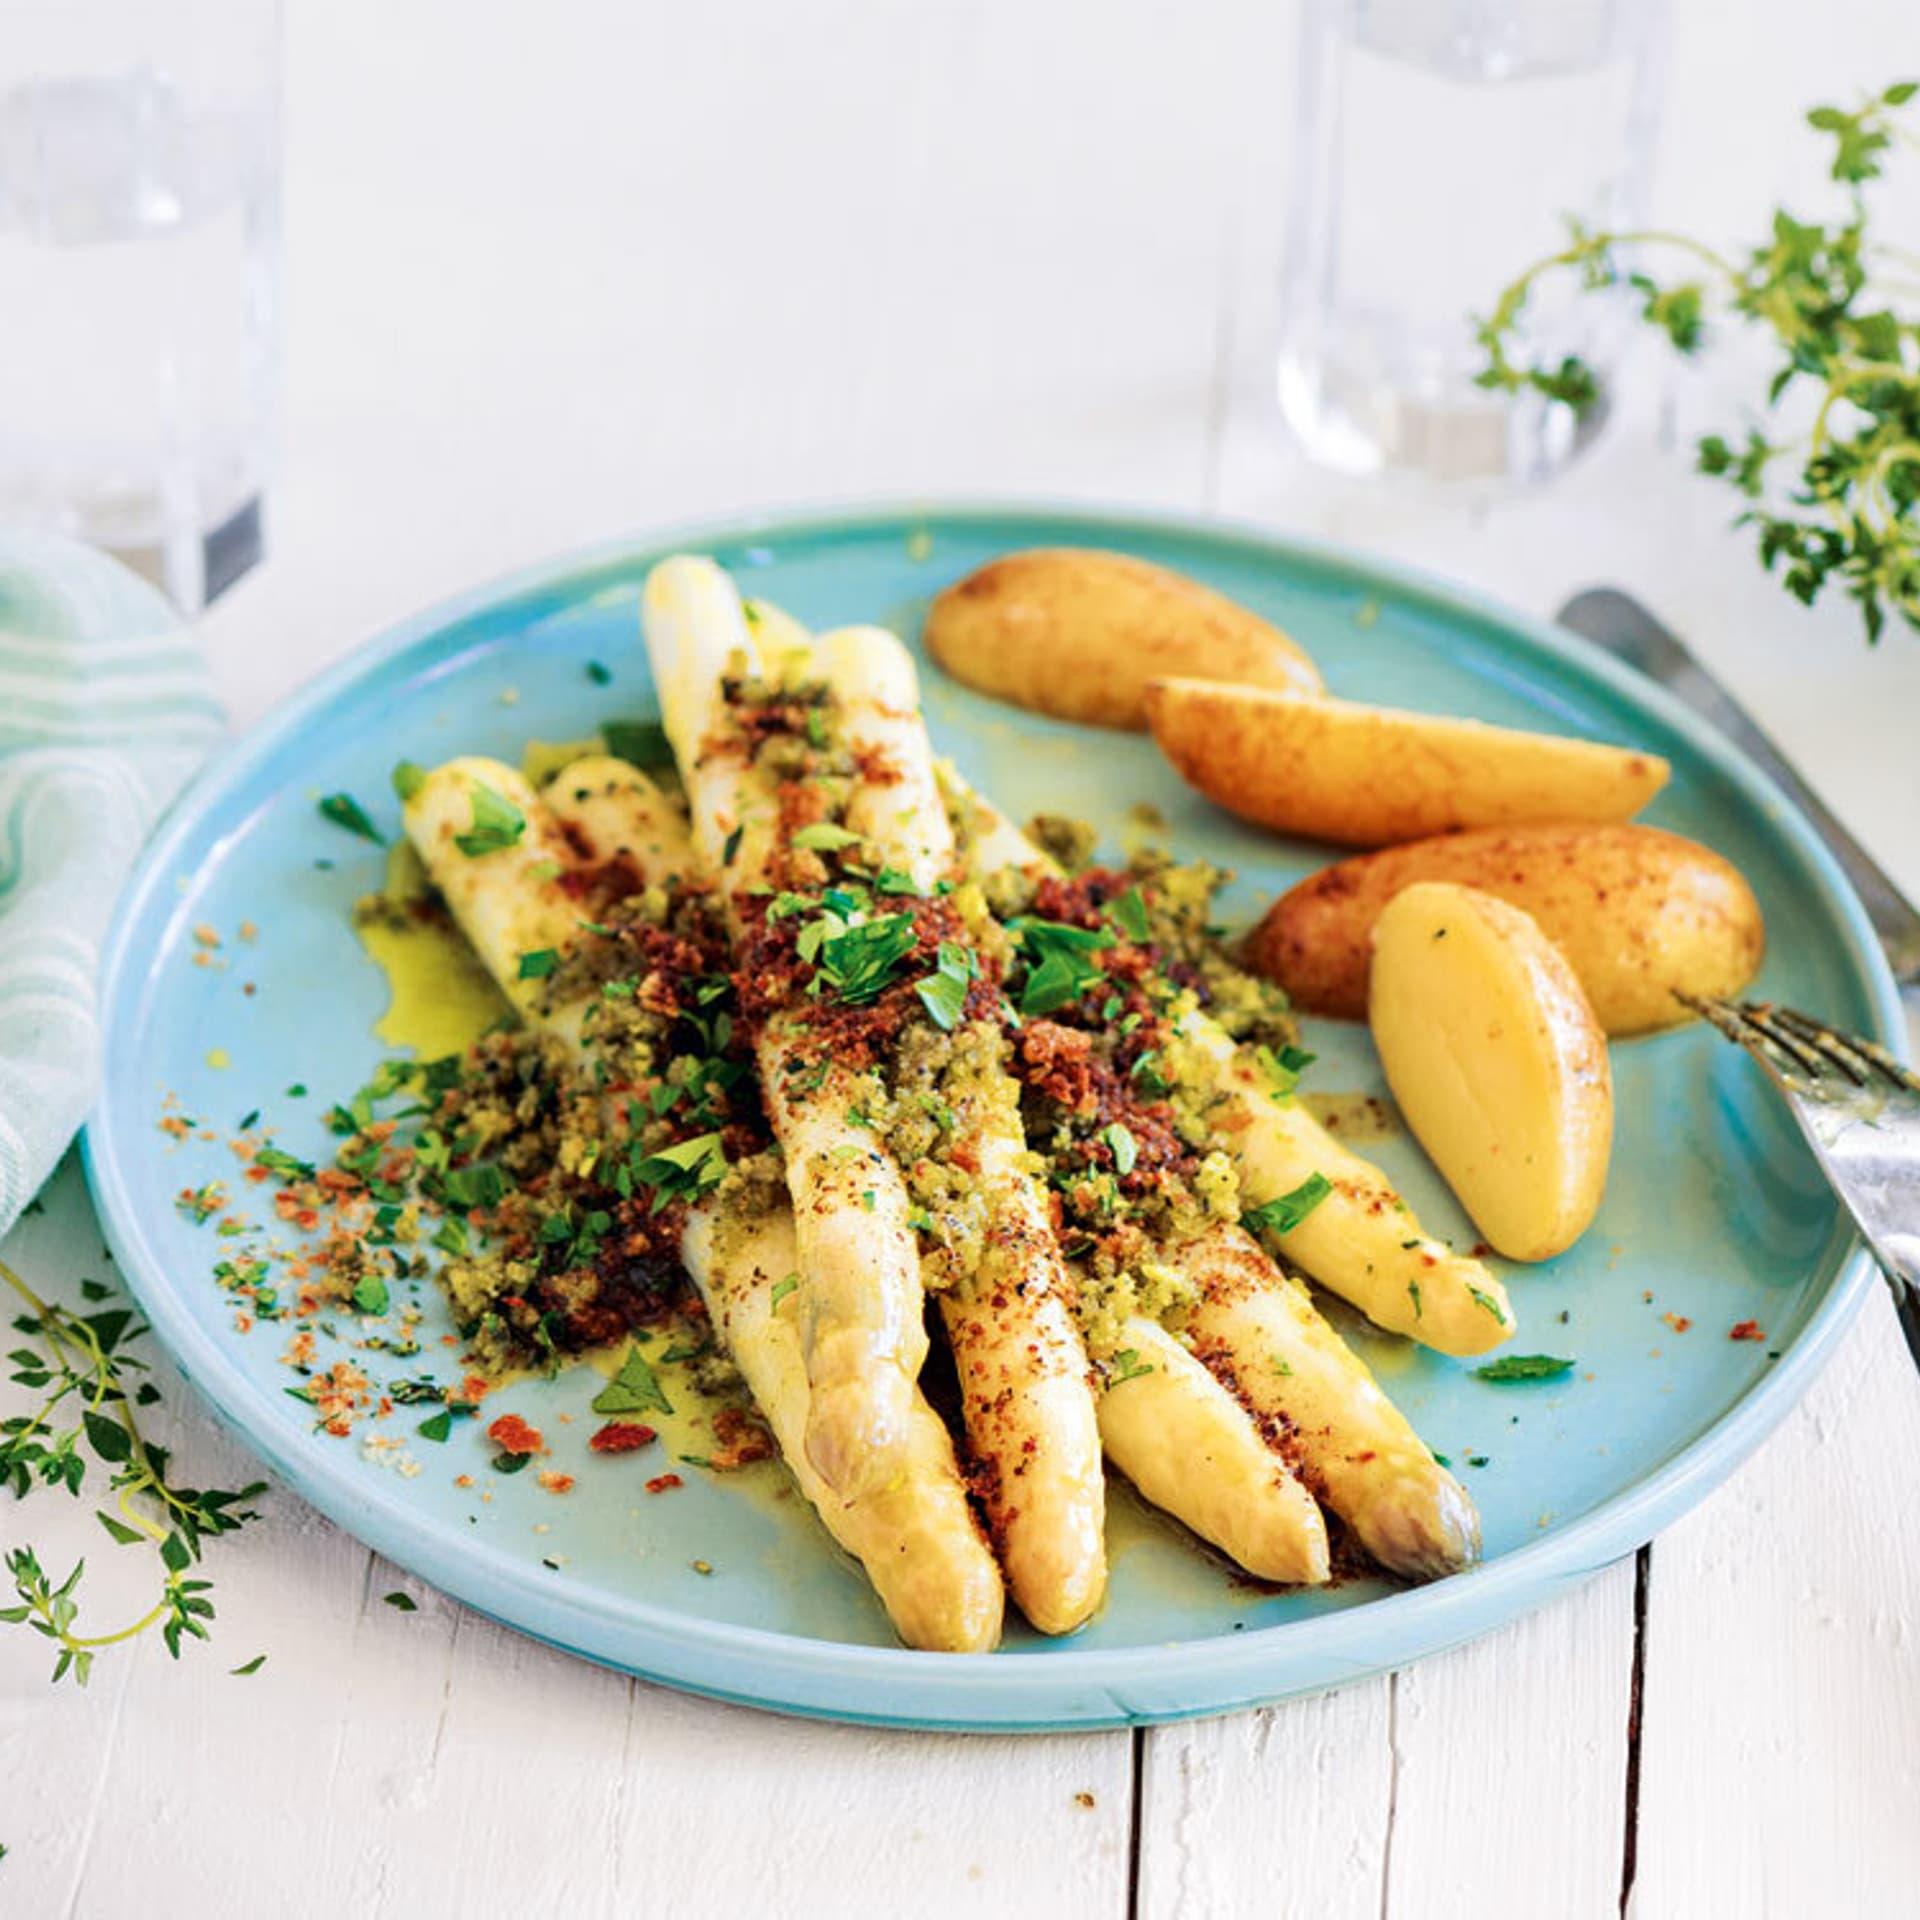 Spargel mit Kräuterkruste und Kartoffeln